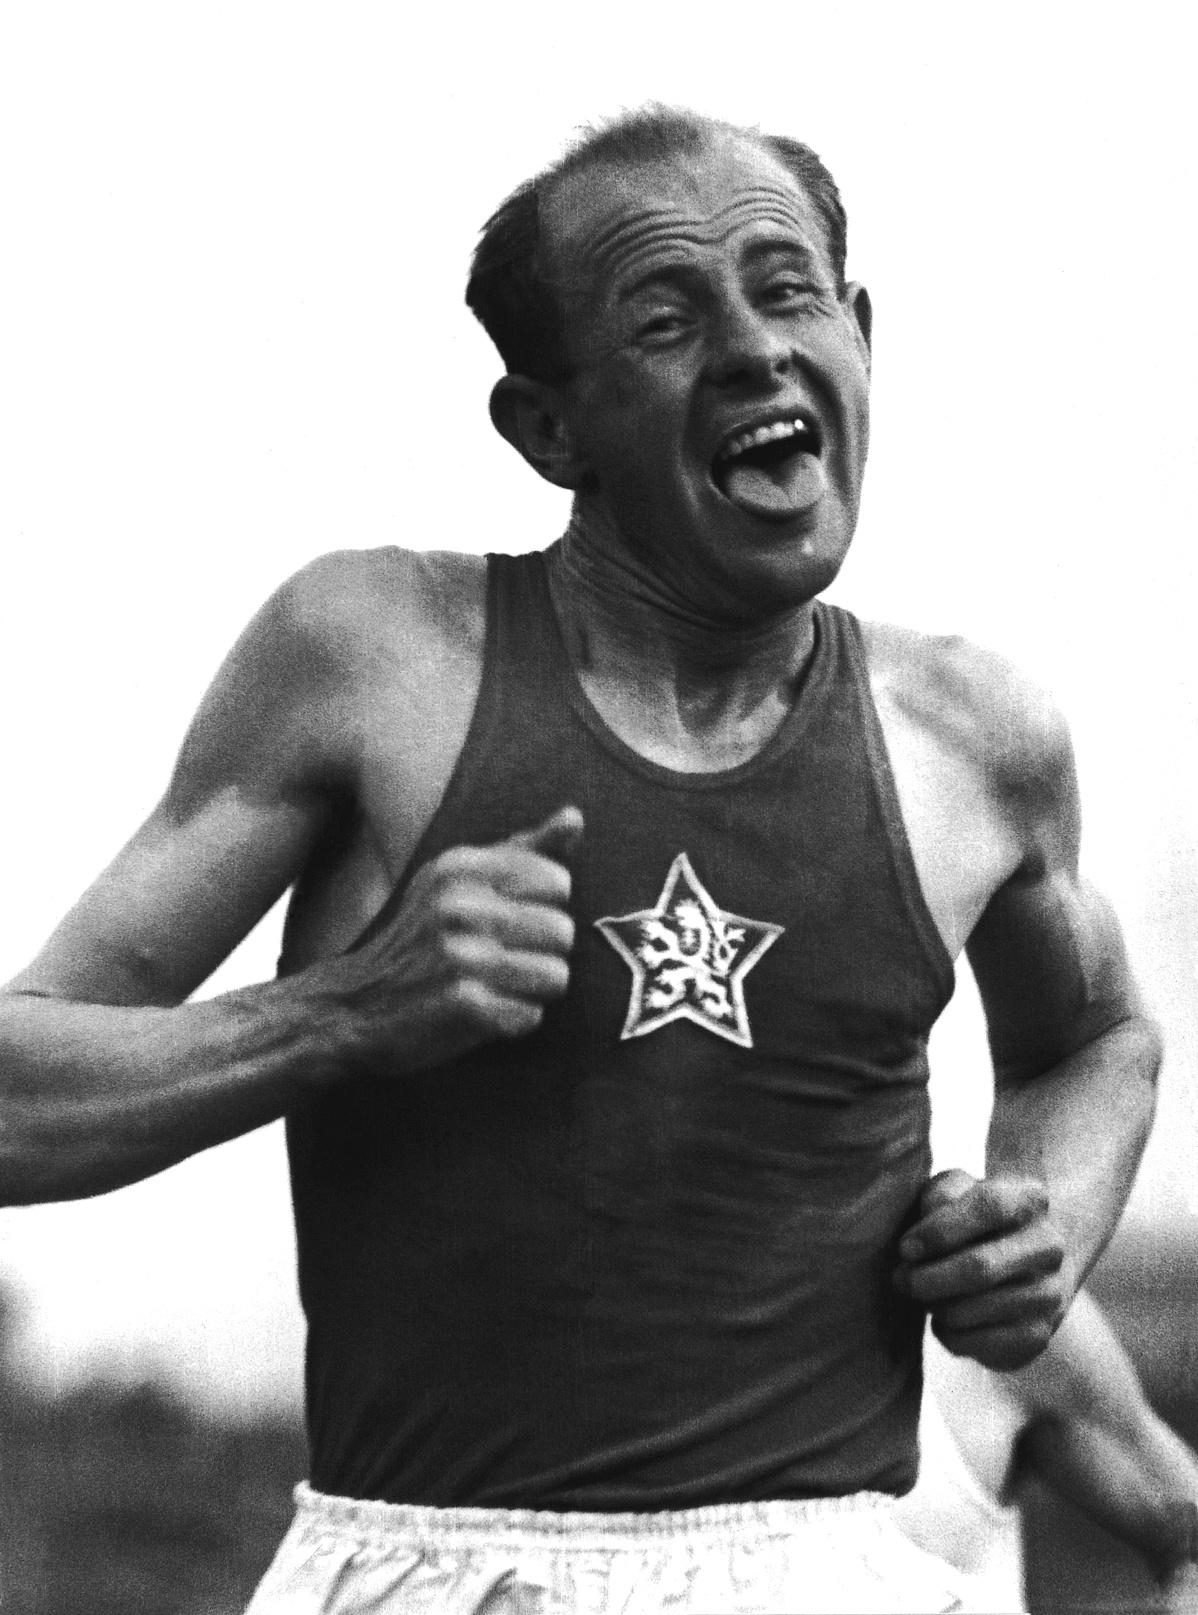 Hemző Károly: Emil Zatopek,1954